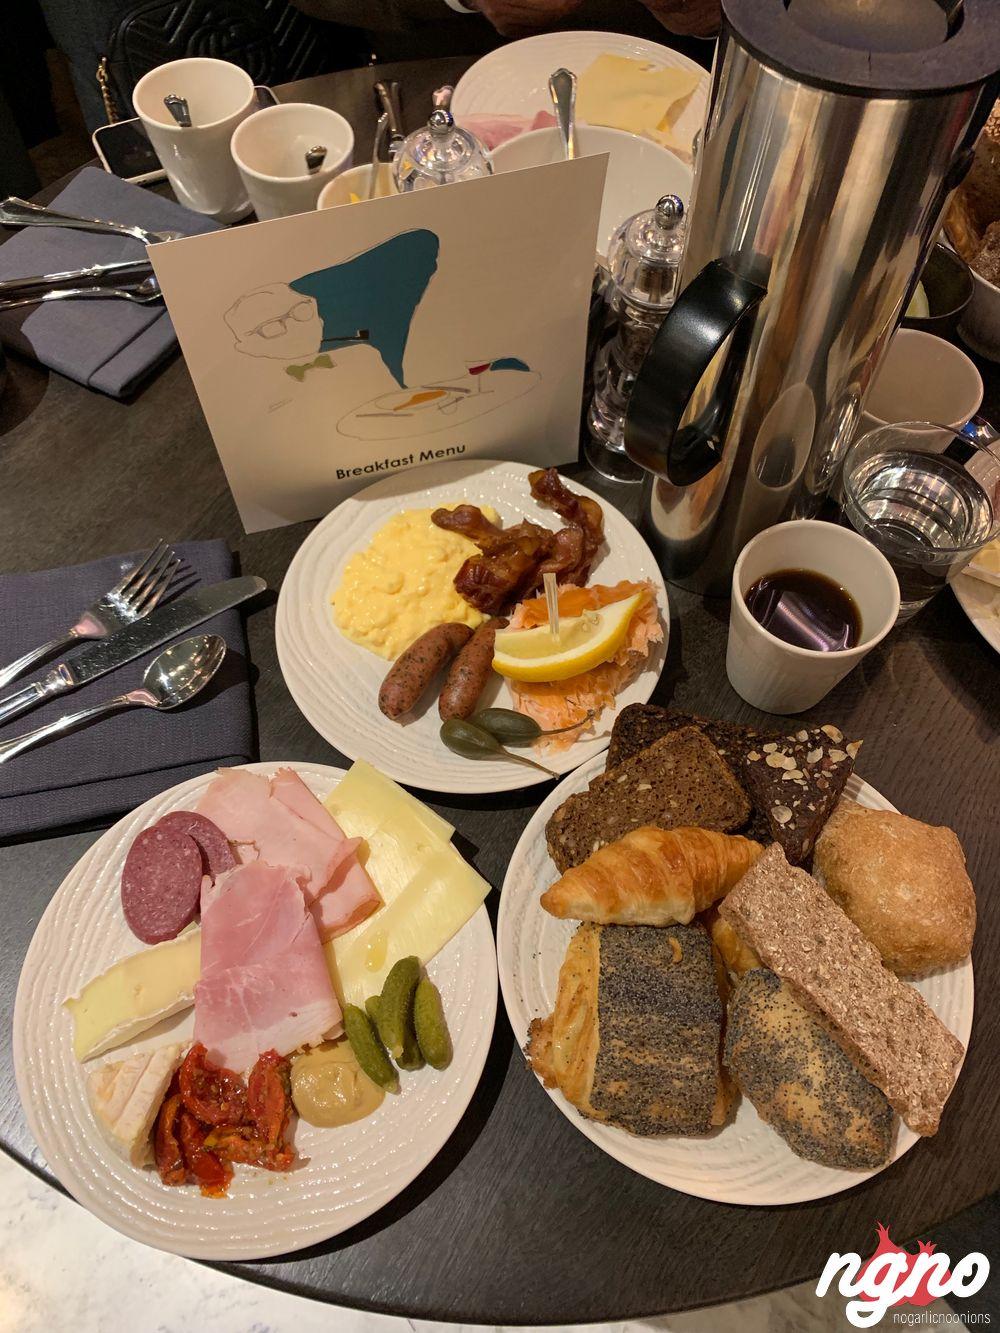 radisson-copenhagen-breakfast-nogarlicnoonions-142019-02-23-07-42-39